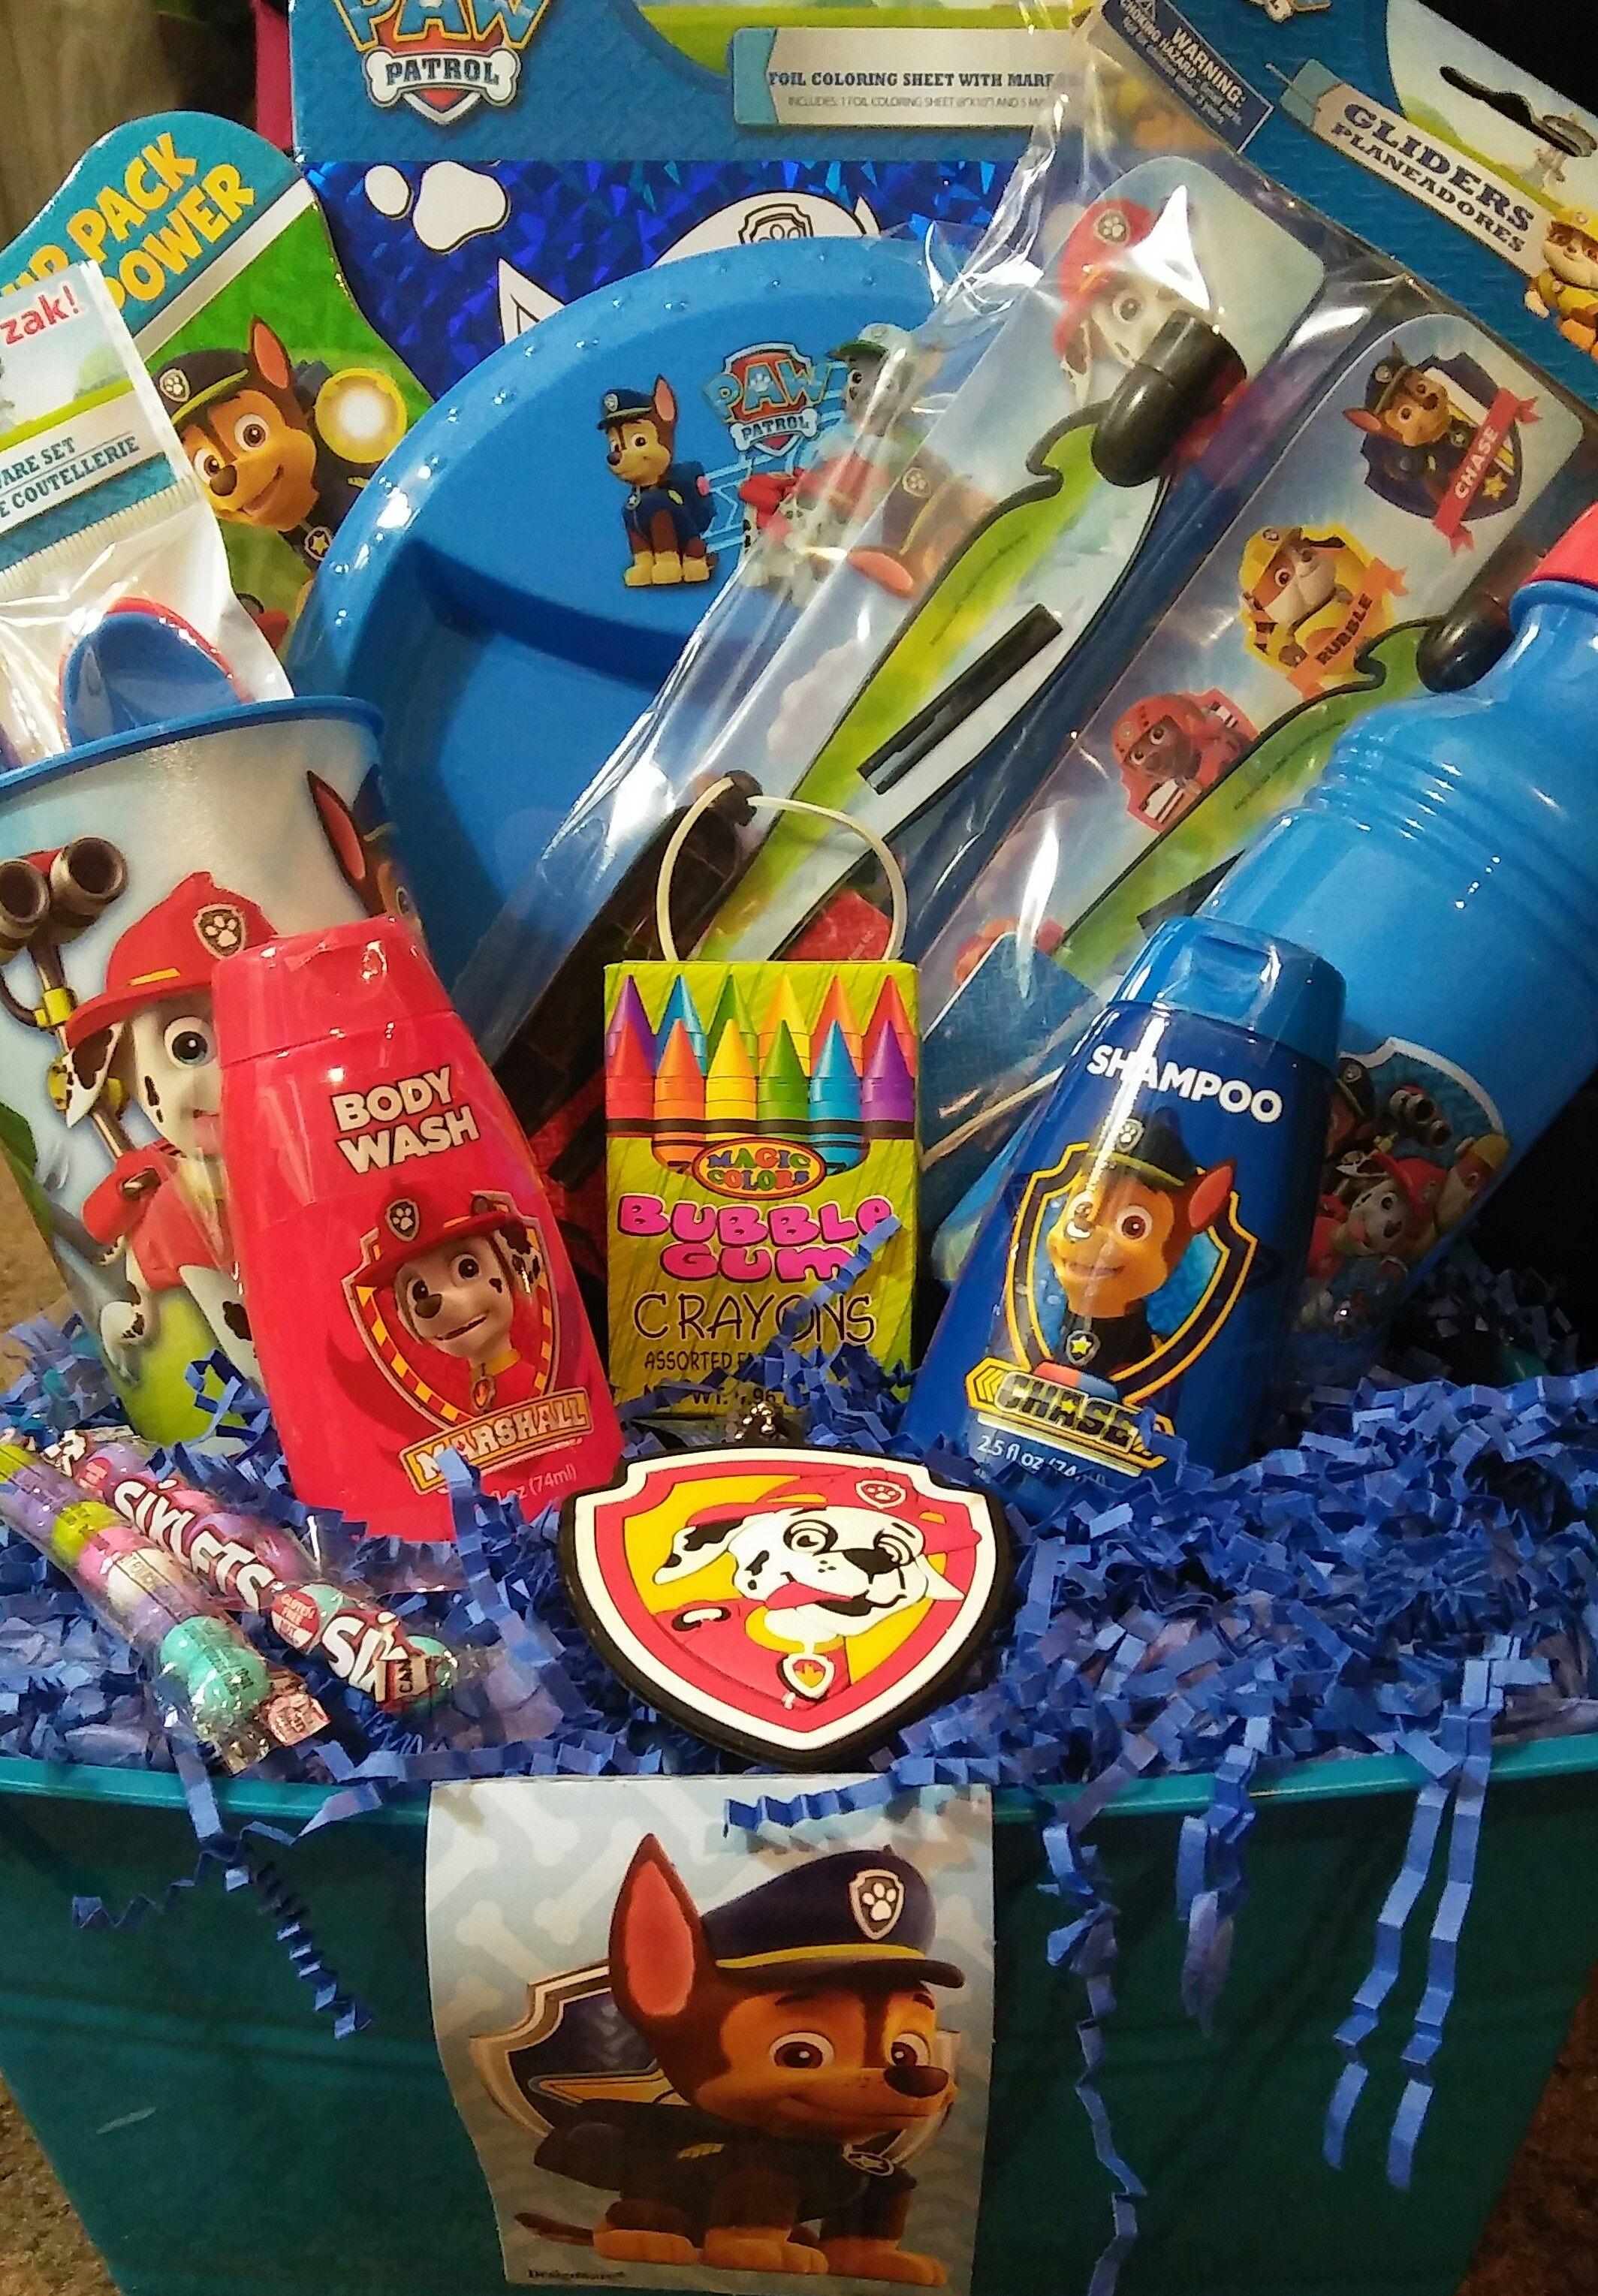 Gift Basket Paw Patrol - Paw patrol gifts, Paw patrol easter basket, Paw patrol, Kids easter basket, Gift baskets, Easter baskets -